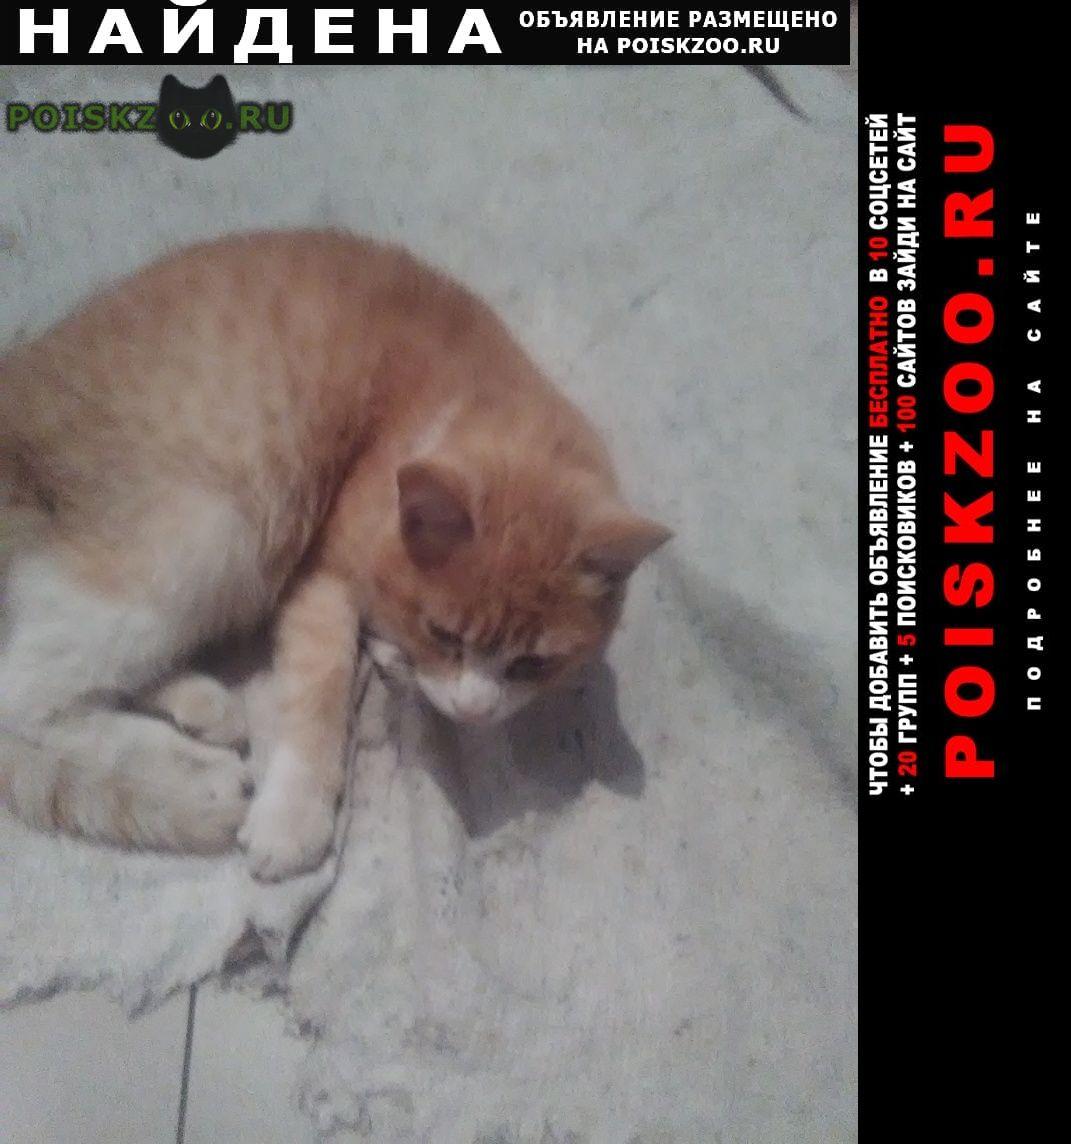 Найден кот помогите найти хозяина. Воронеж